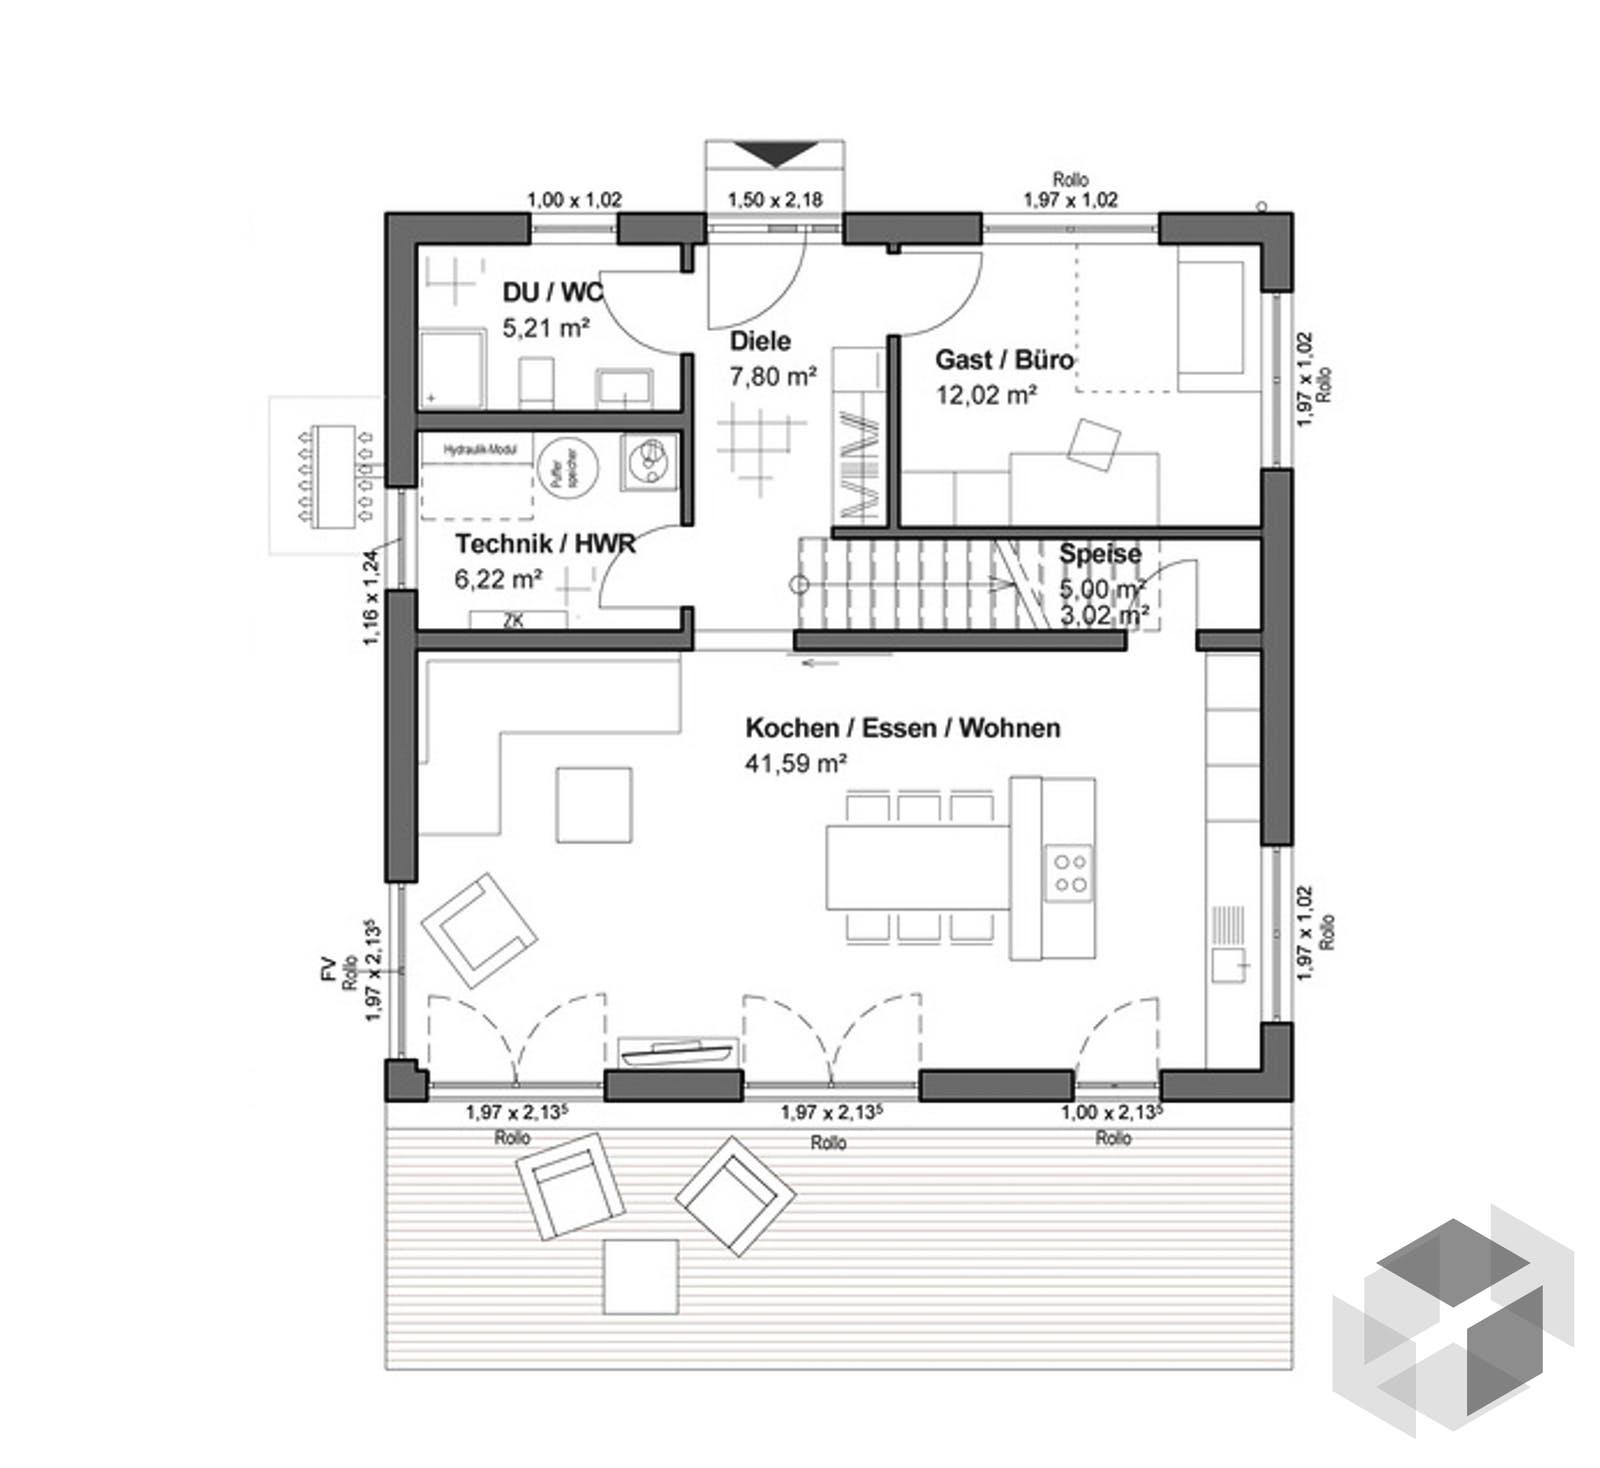 schlossallee 151 von bauen wiewir komplette. Black Bedroom Furniture Sets. Home Design Ideas